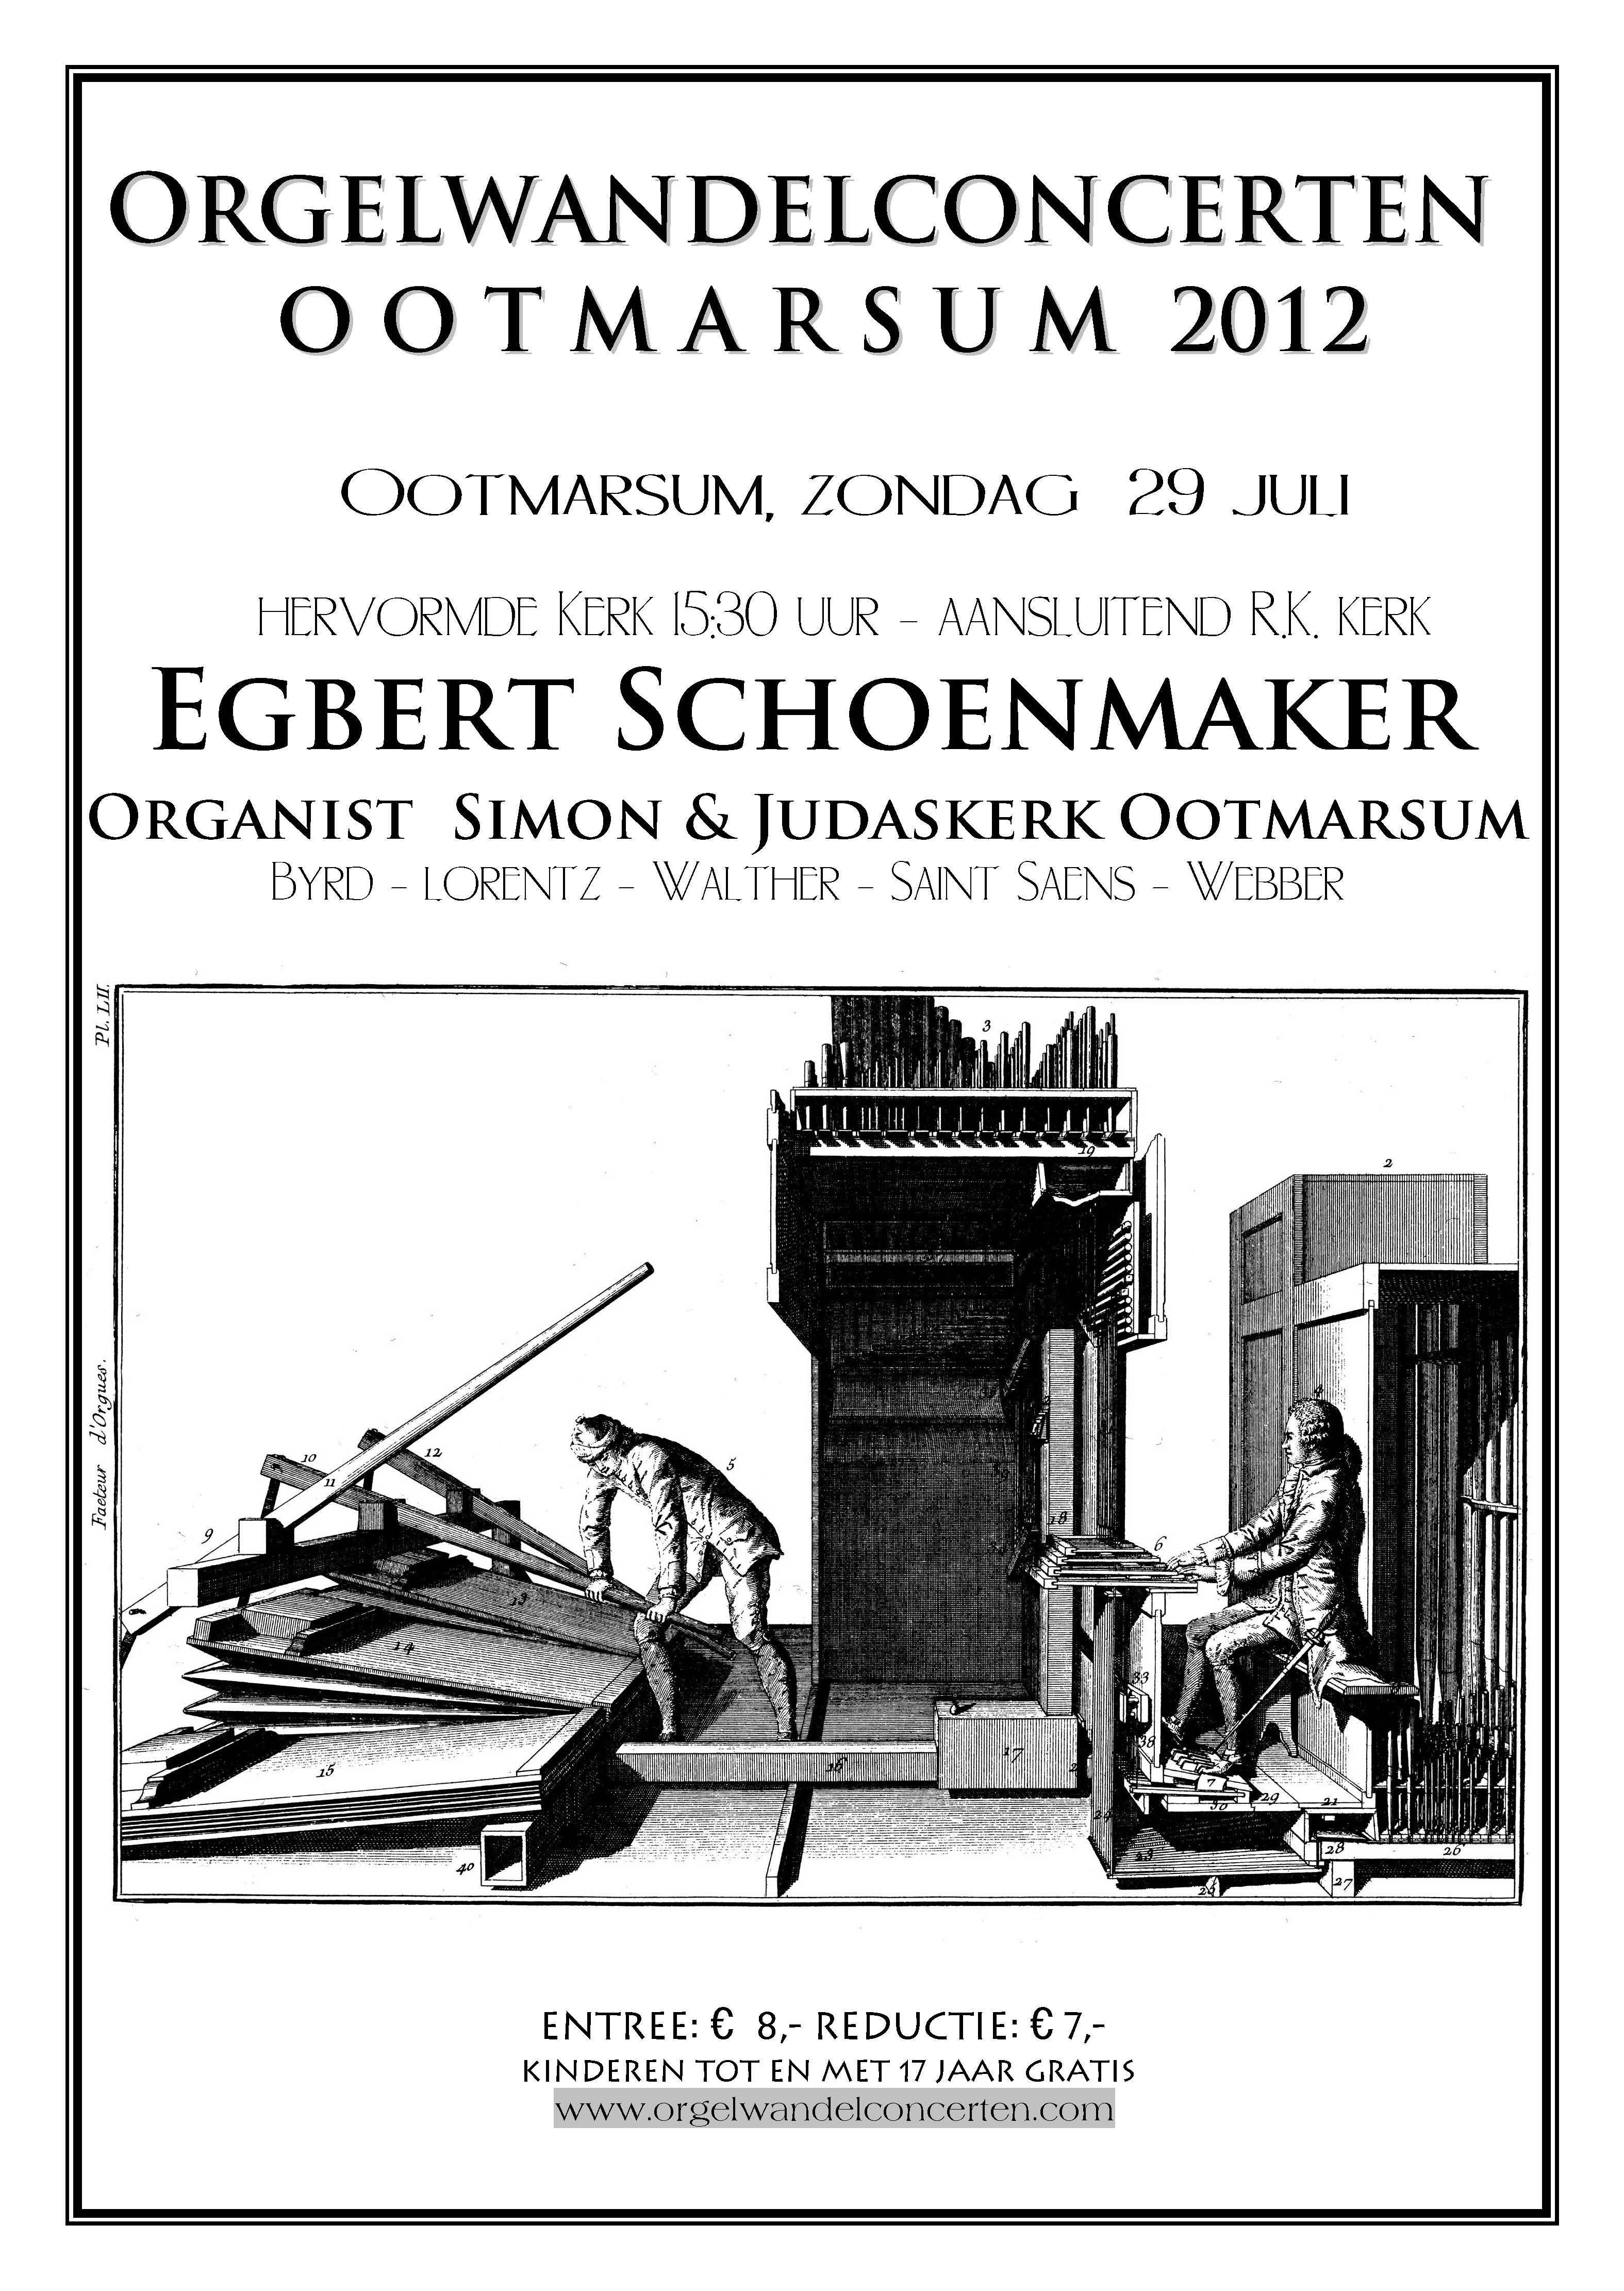 Affiche-Schoenmaker-29. Julii-Ootmarsum 12